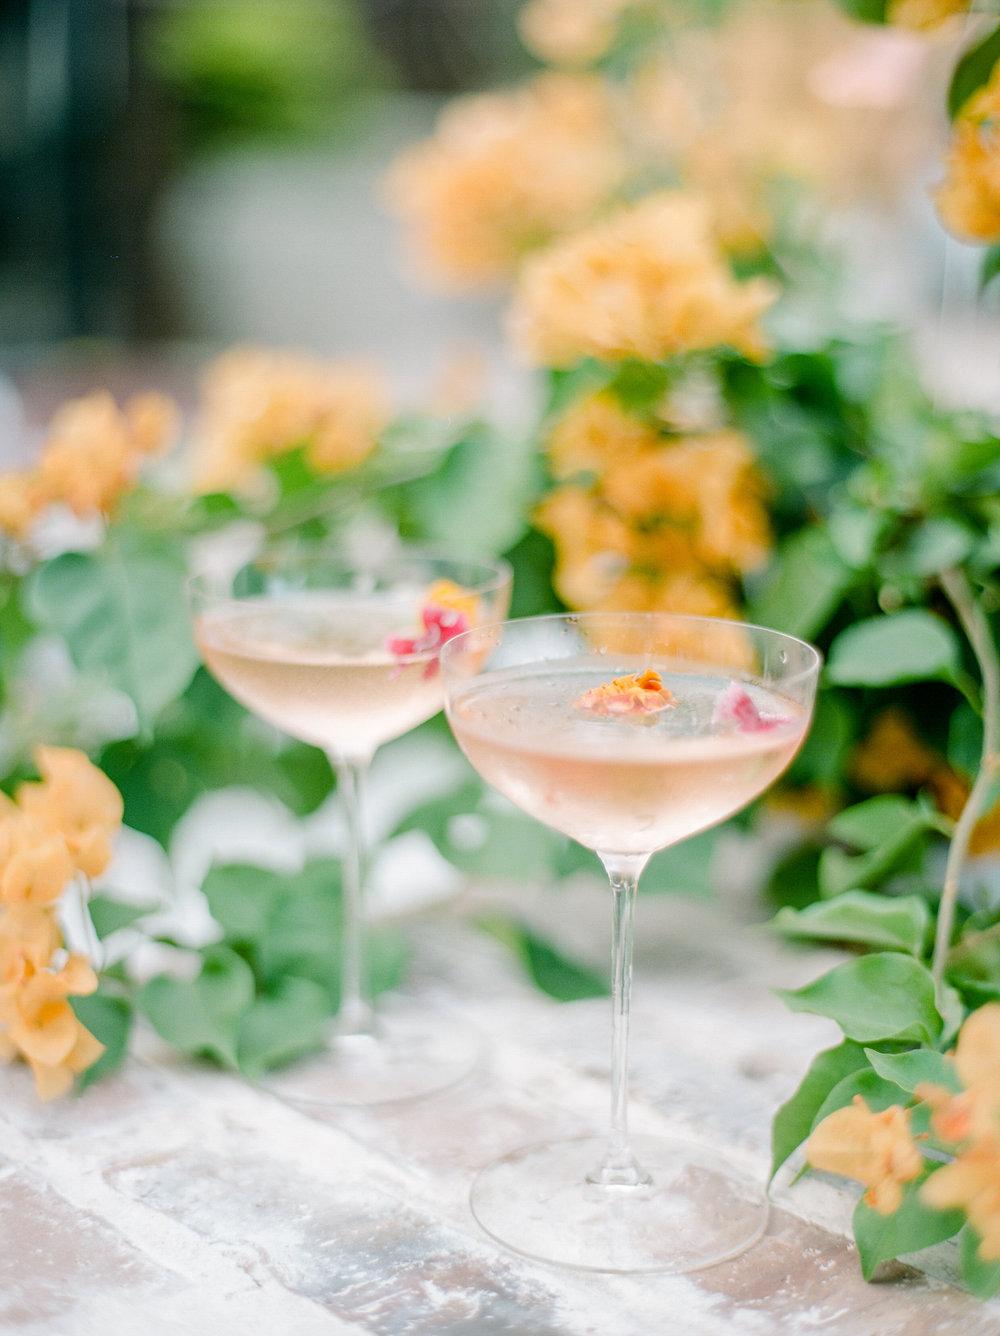 houston-wedding-planner-fine-art-luxury-designer-top-best-destination-austin-dallas-kelly-doonan-events-hughes-manor